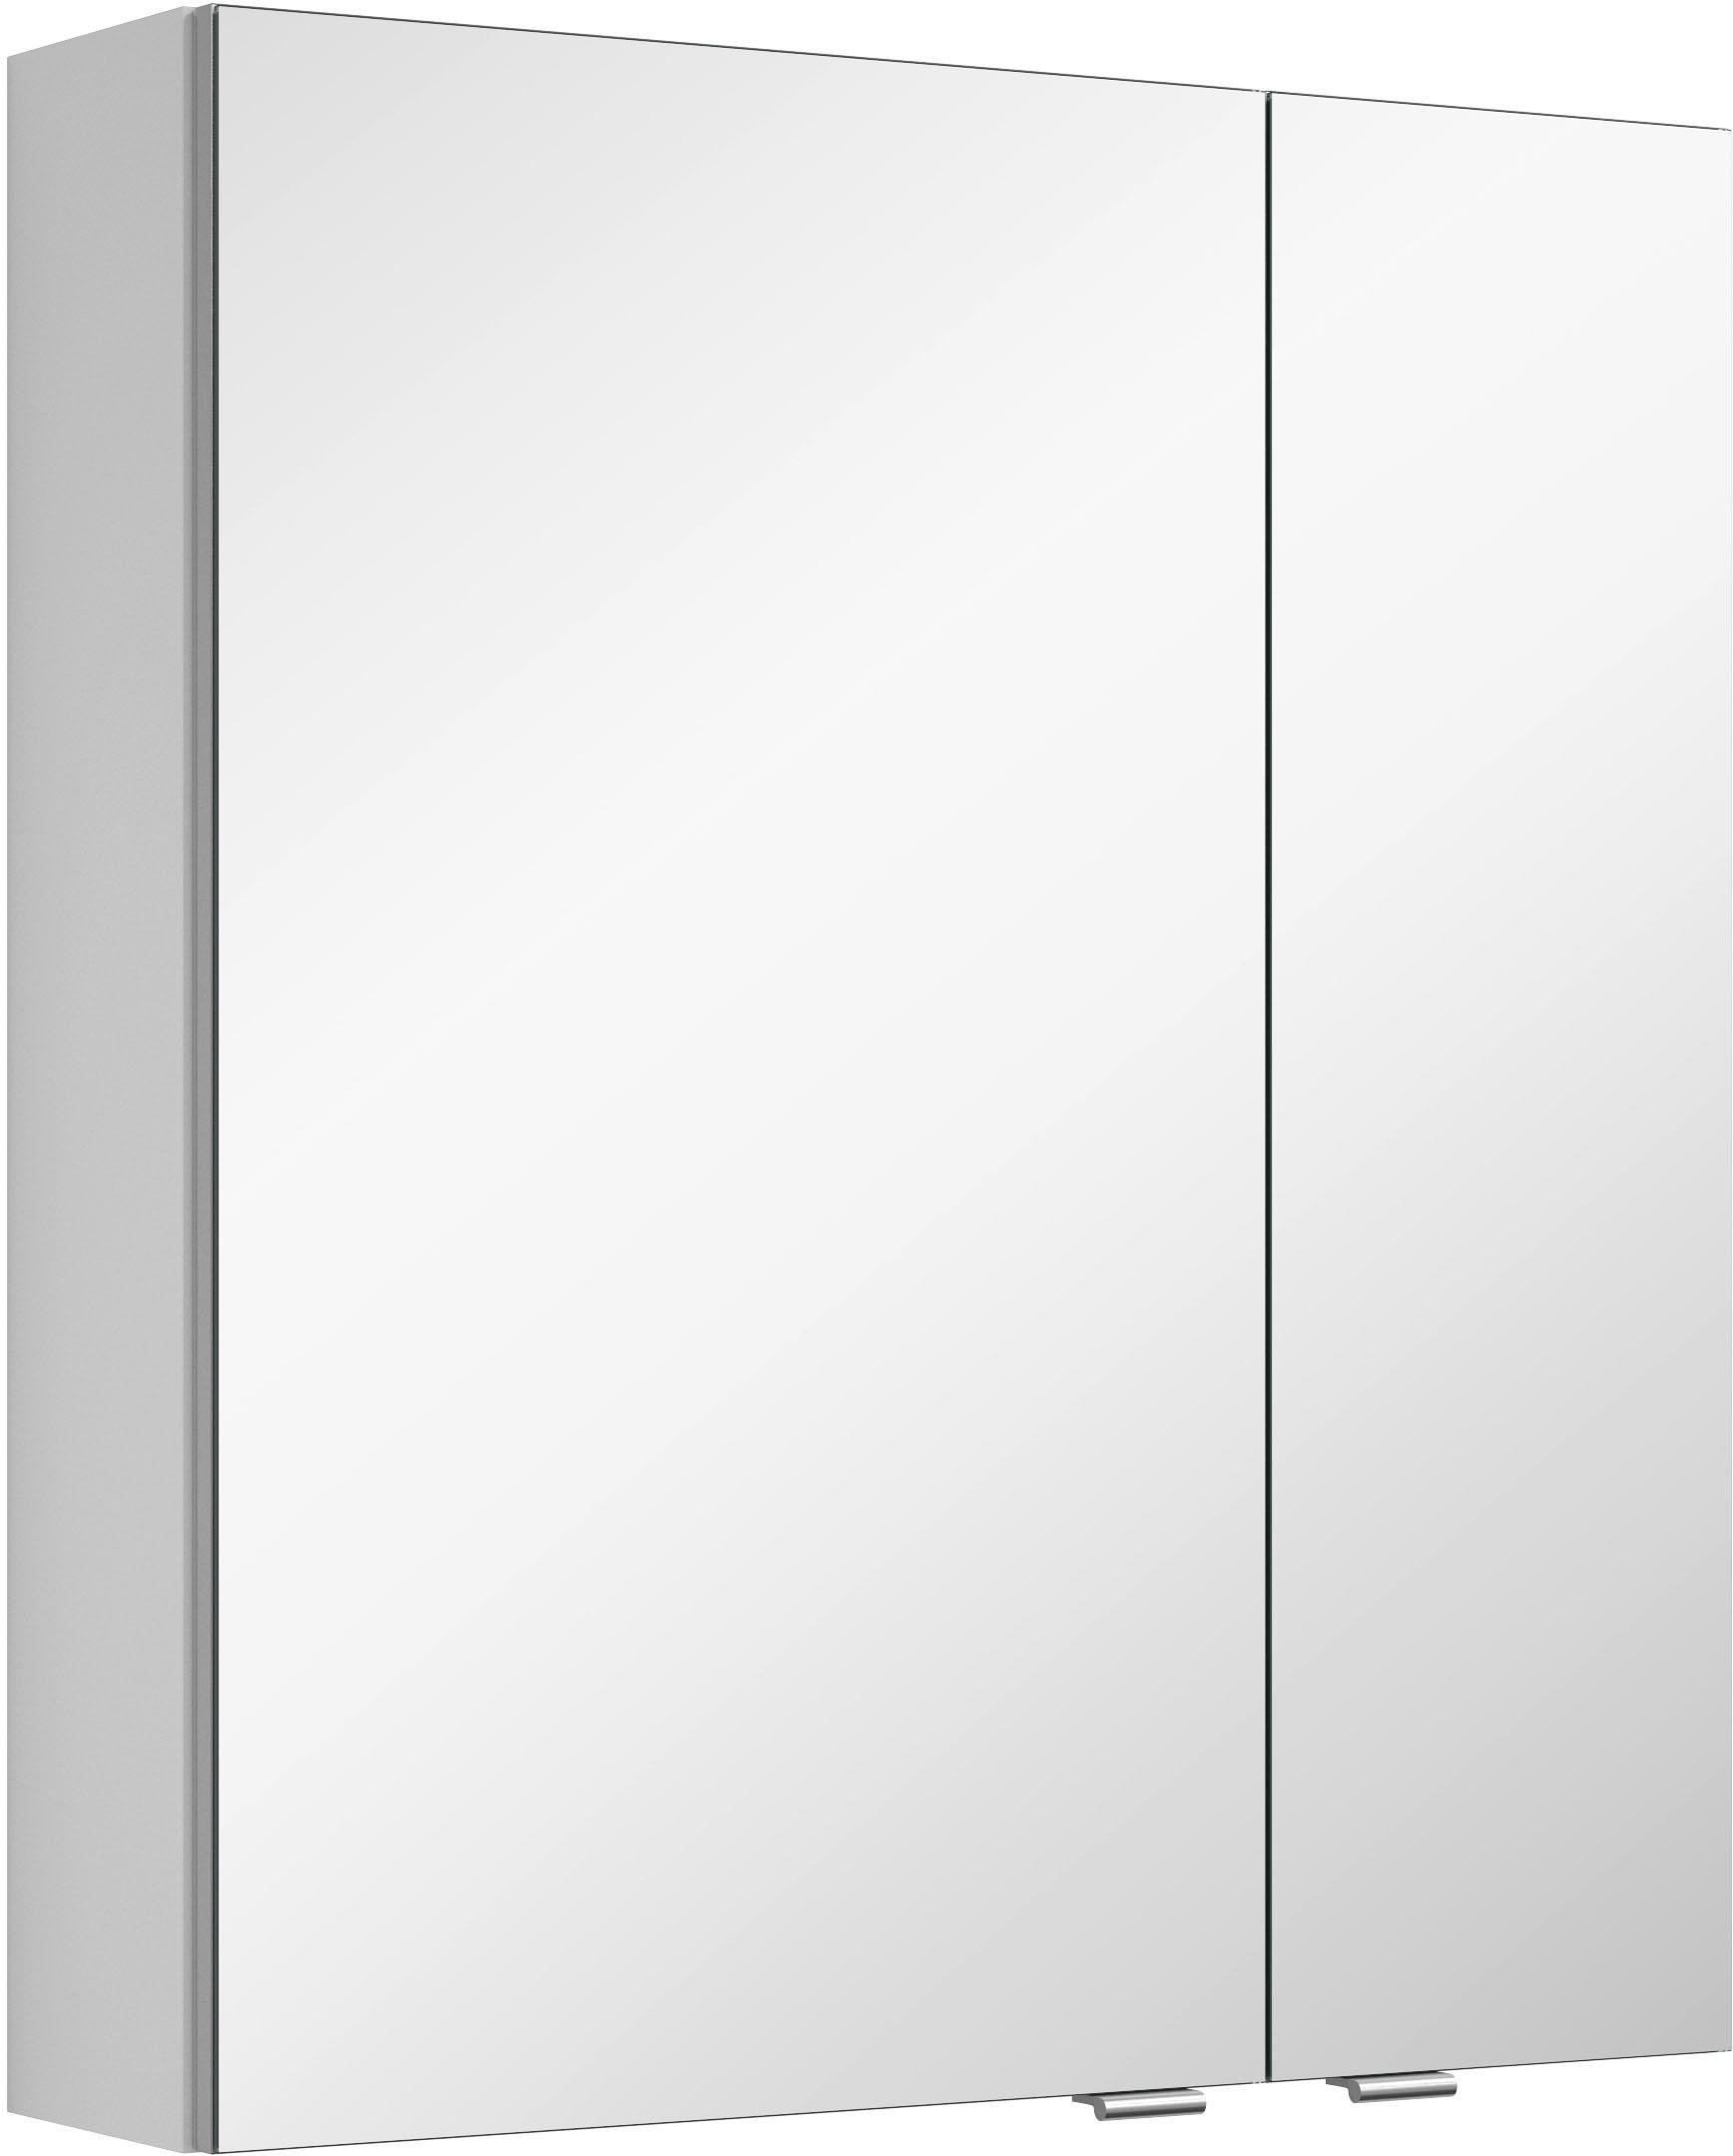 MARLIN Spiegelkast 3980 met dubbelzijdig spiegelende deuren, voorgemonteerd - gratis ruilen op otto.nl